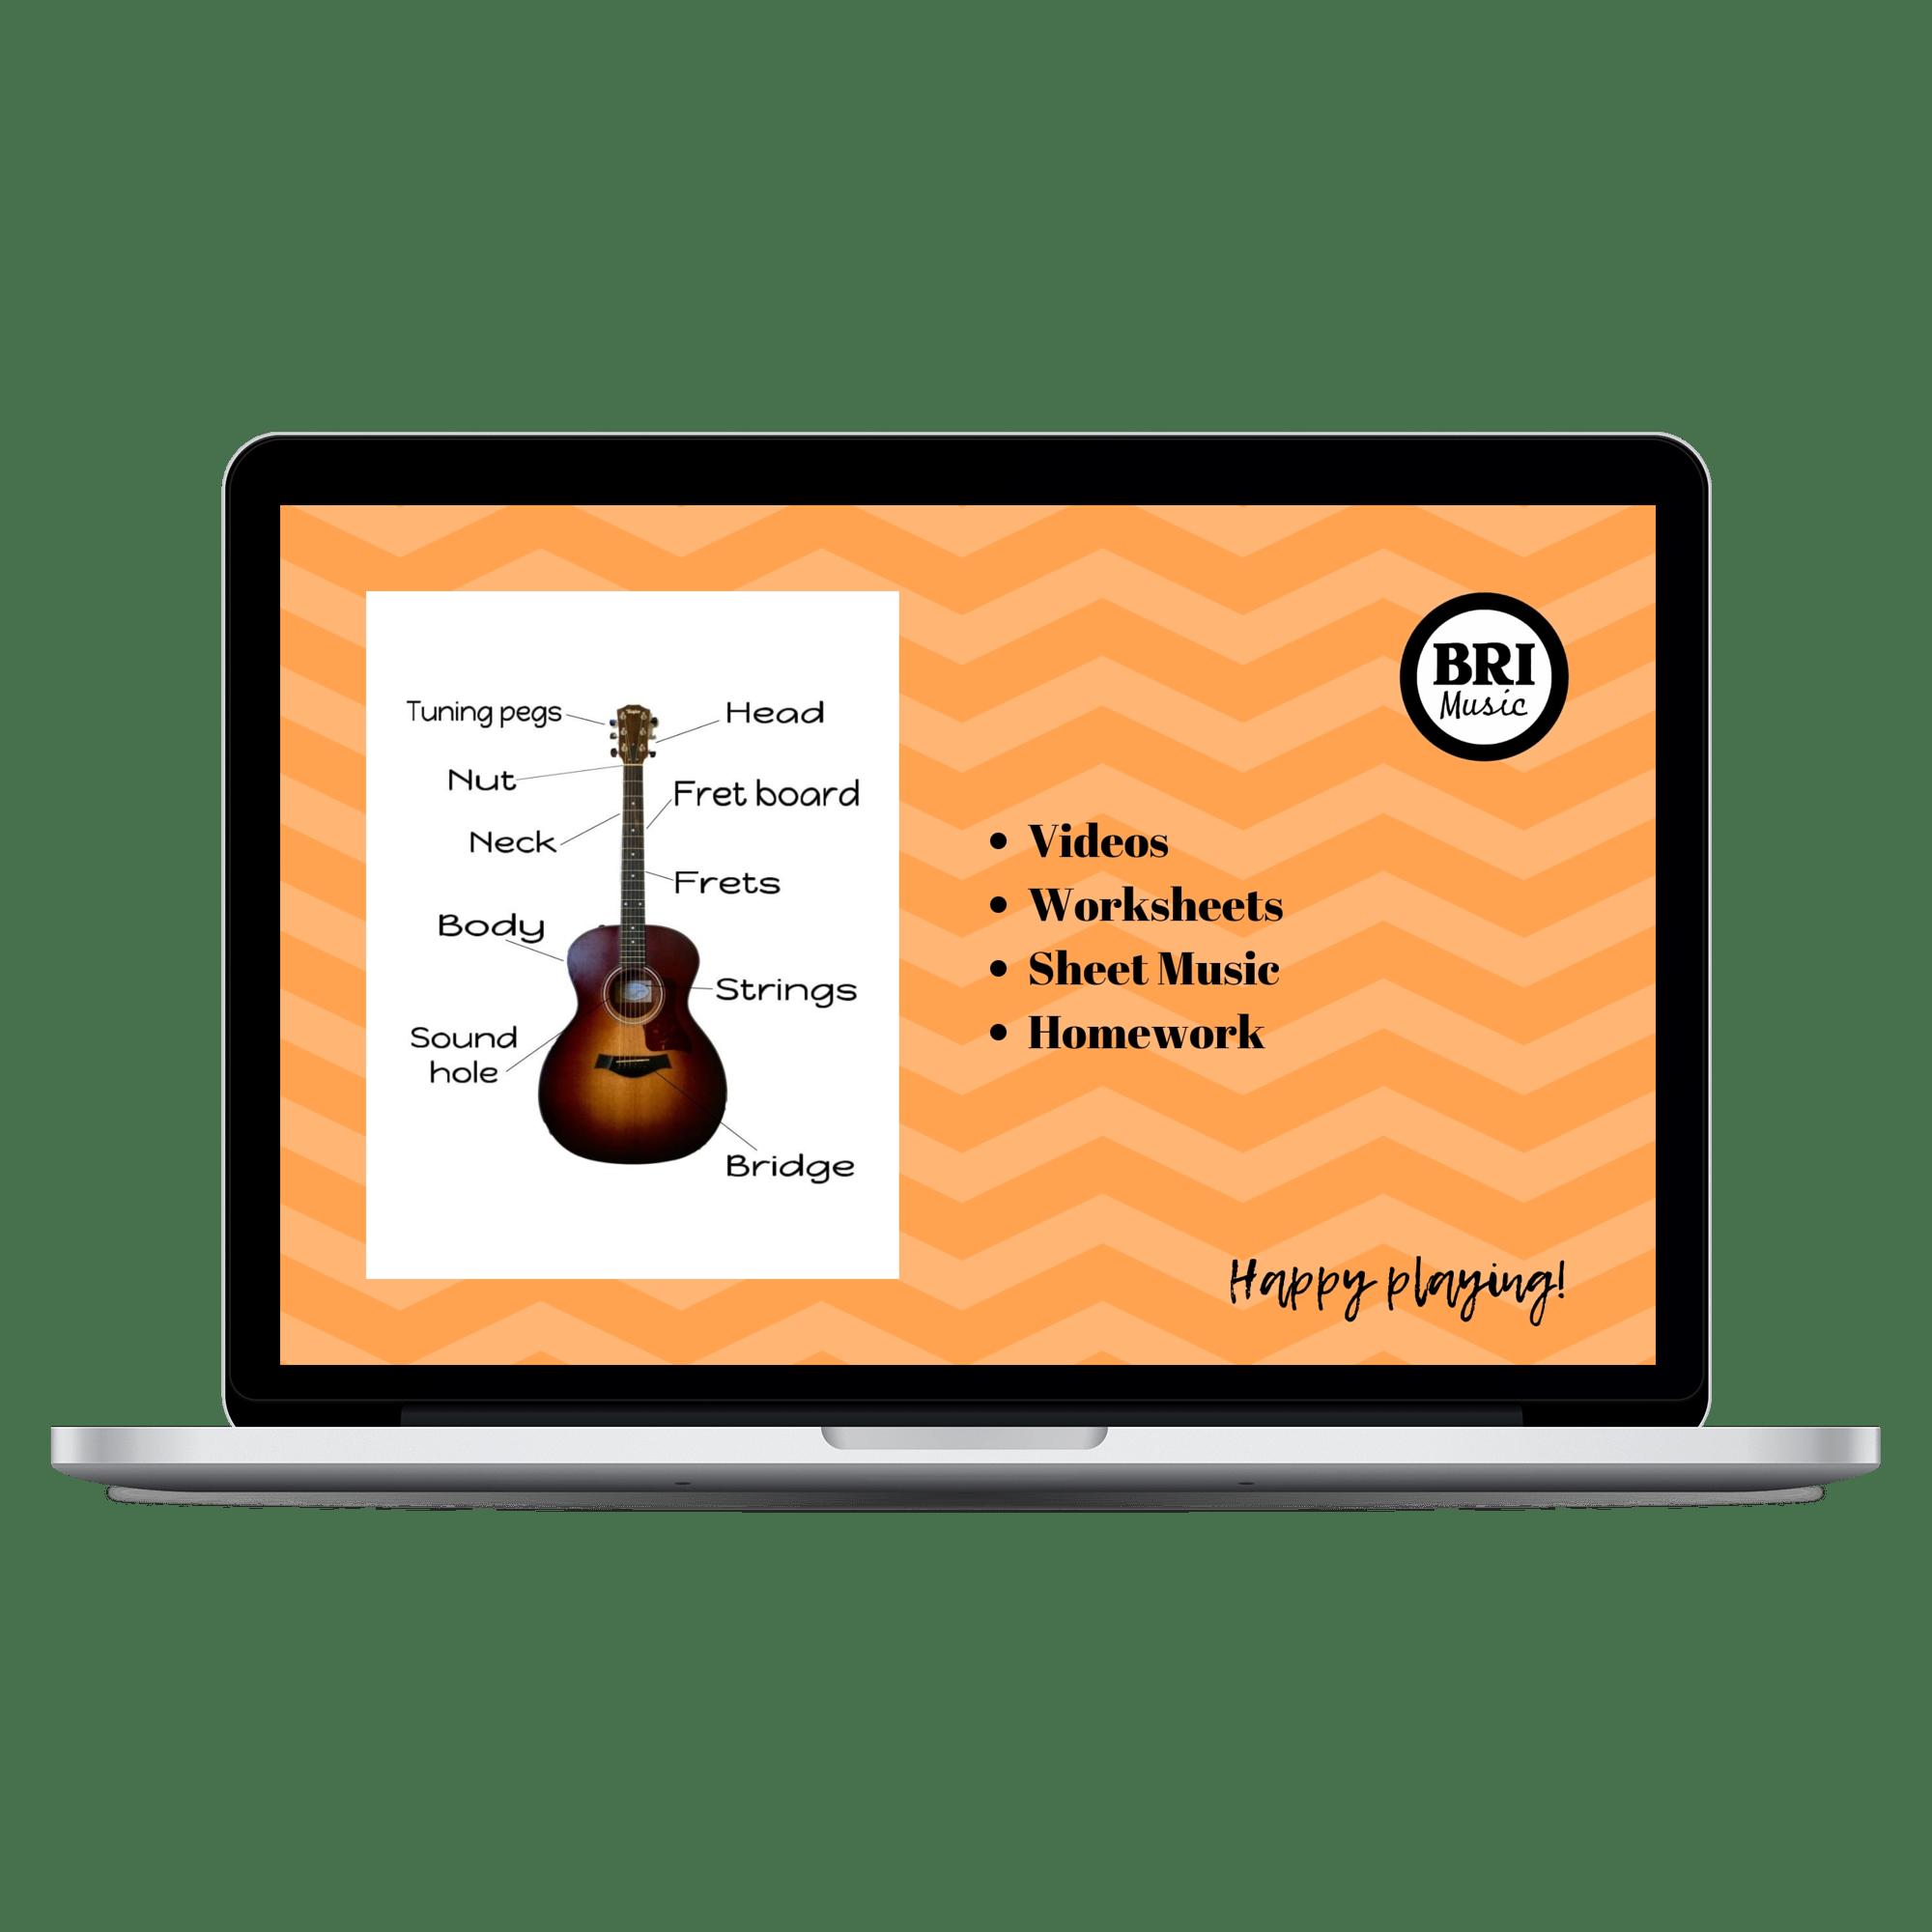 Videos Worksheets Sheet Music Homework_macbookpro13_front.png